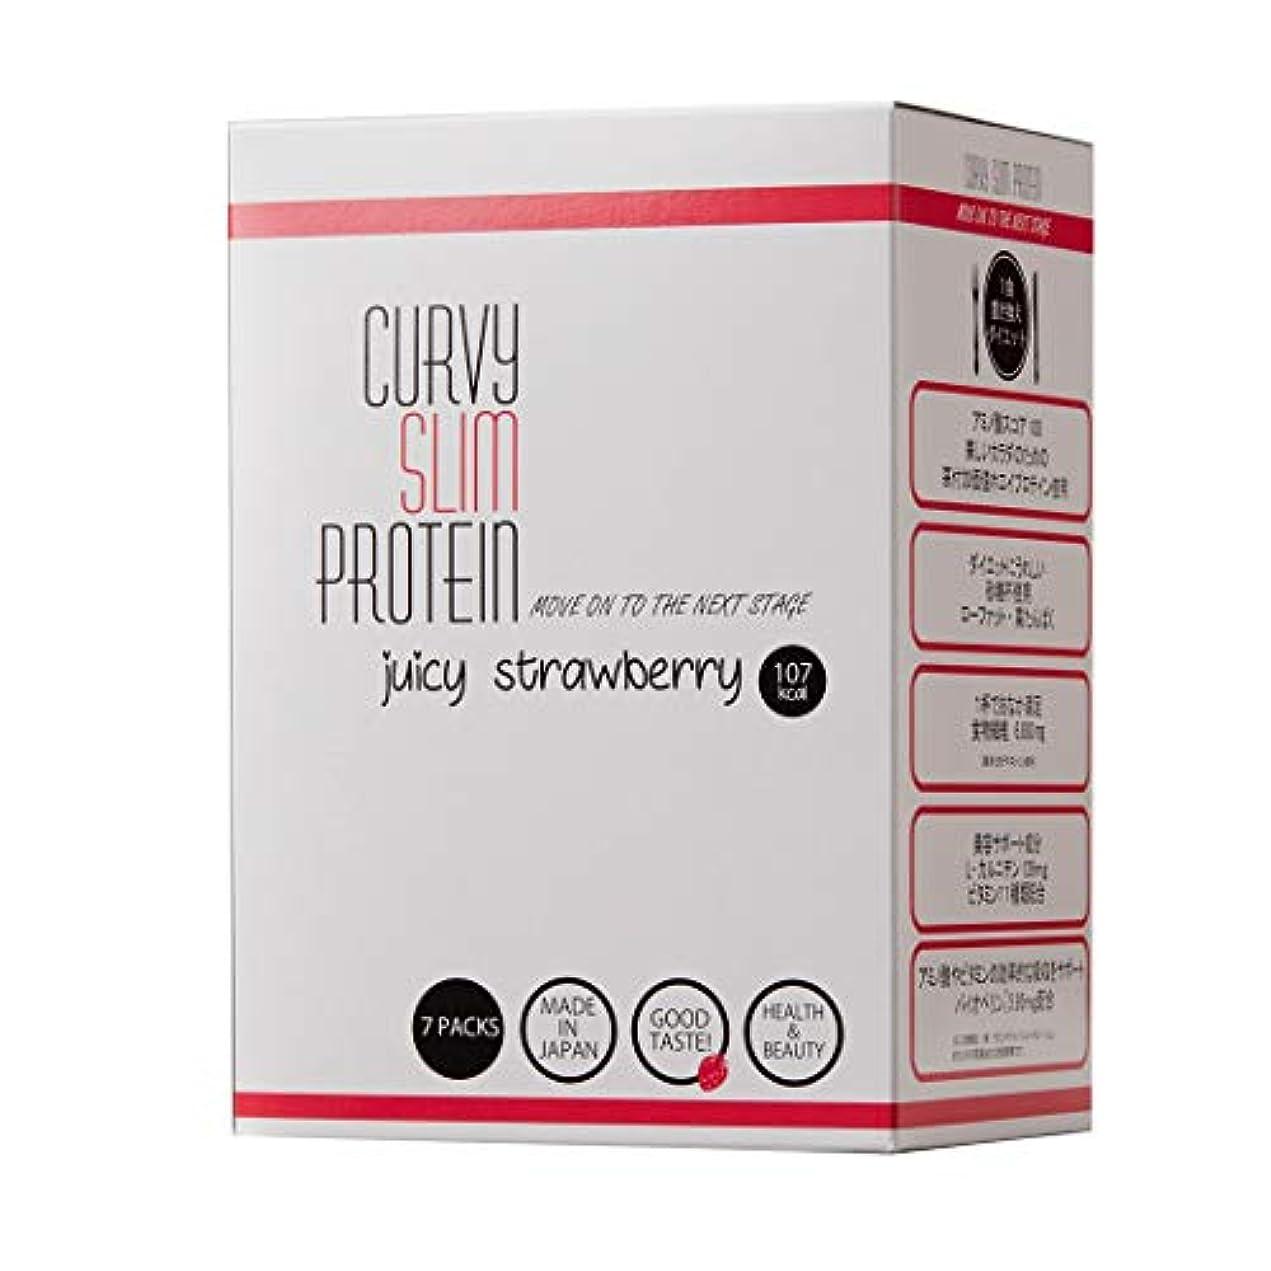 伴うアクセサリー透明にカーヴィースリム® プロテイン ジューシーストロベリー 置き換え ダイエット 7包(7食分)